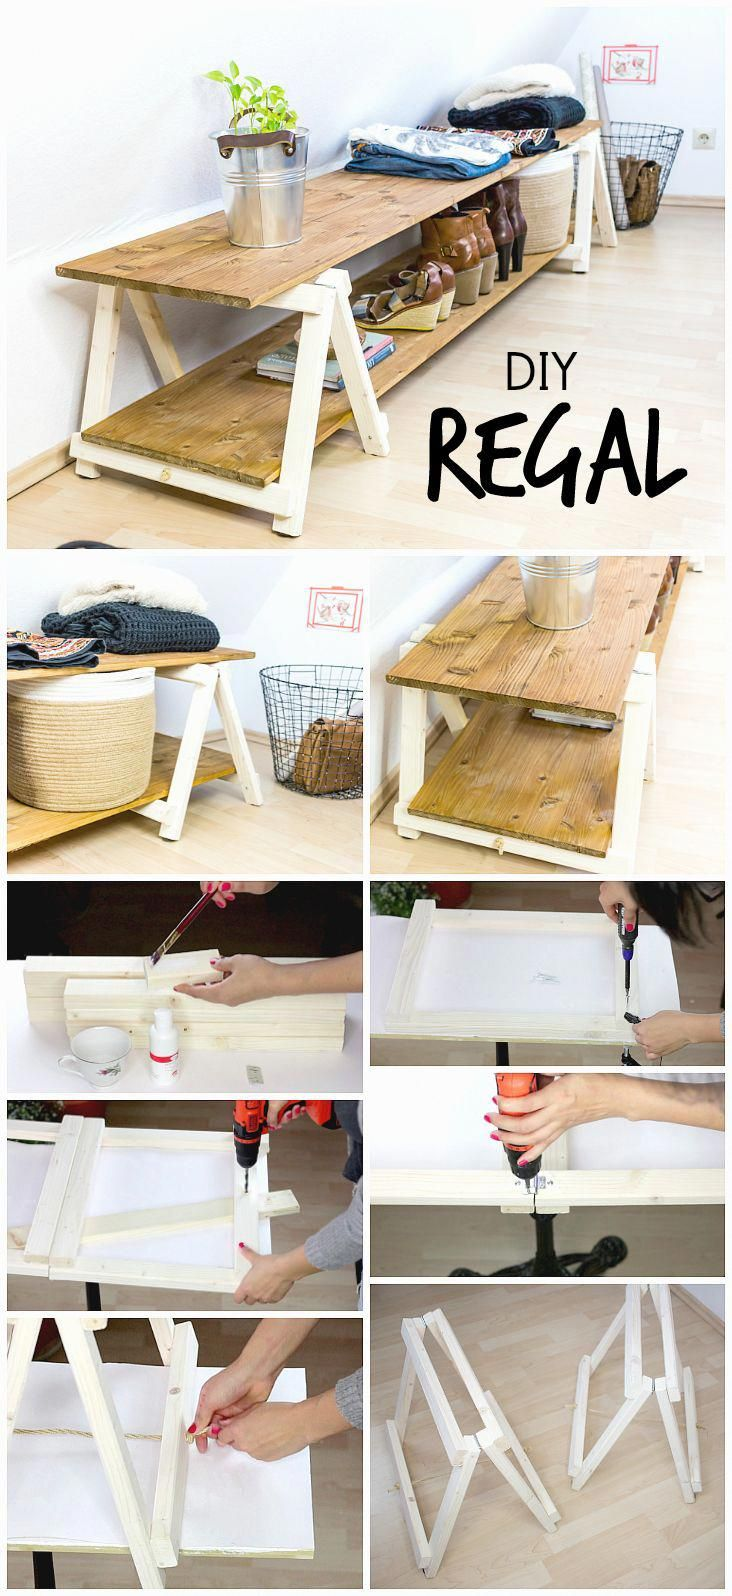 Mobel Selber Bauen Dieses Regal Ist Einfach Zu Machen Und Eignet